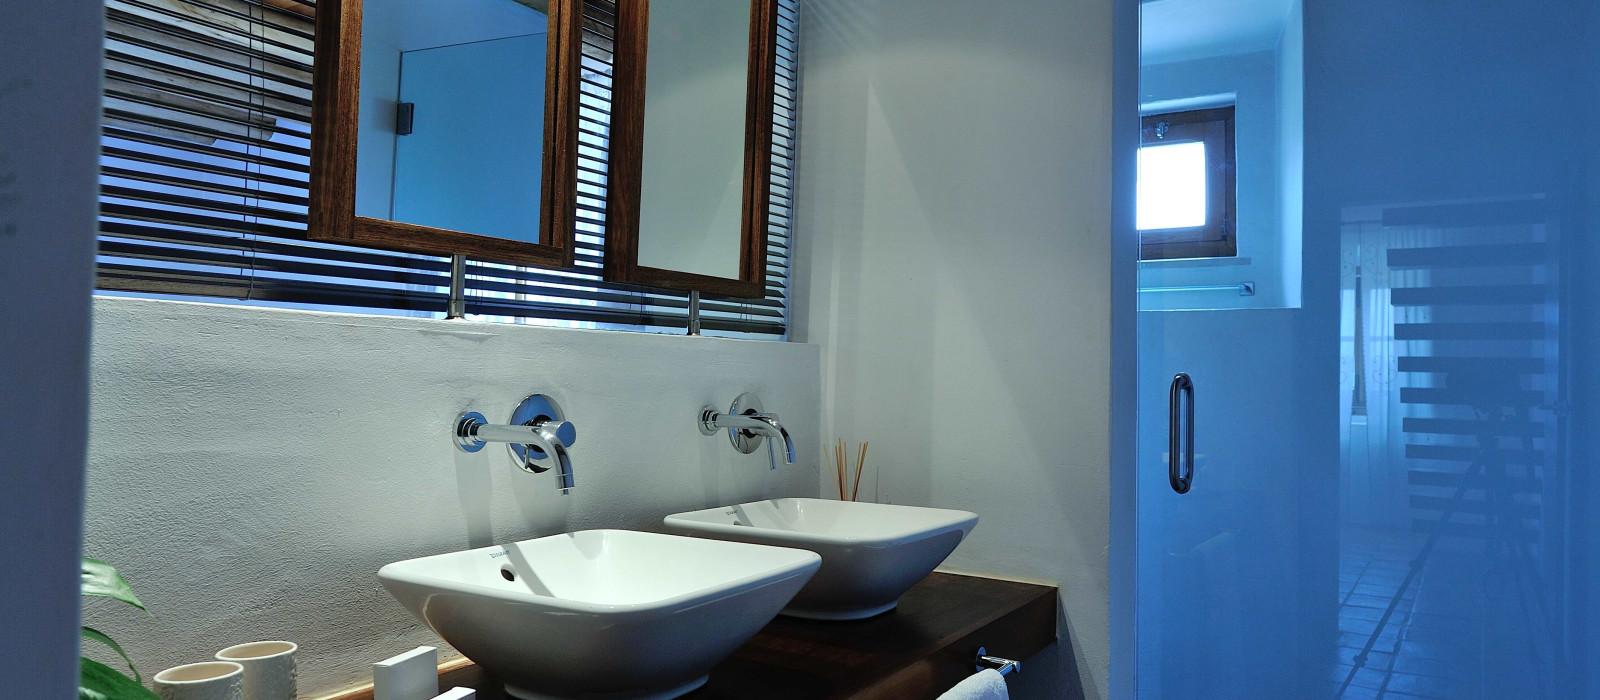 Hotel Herdade da Malhadinha Nova Country House & Spa Portugal